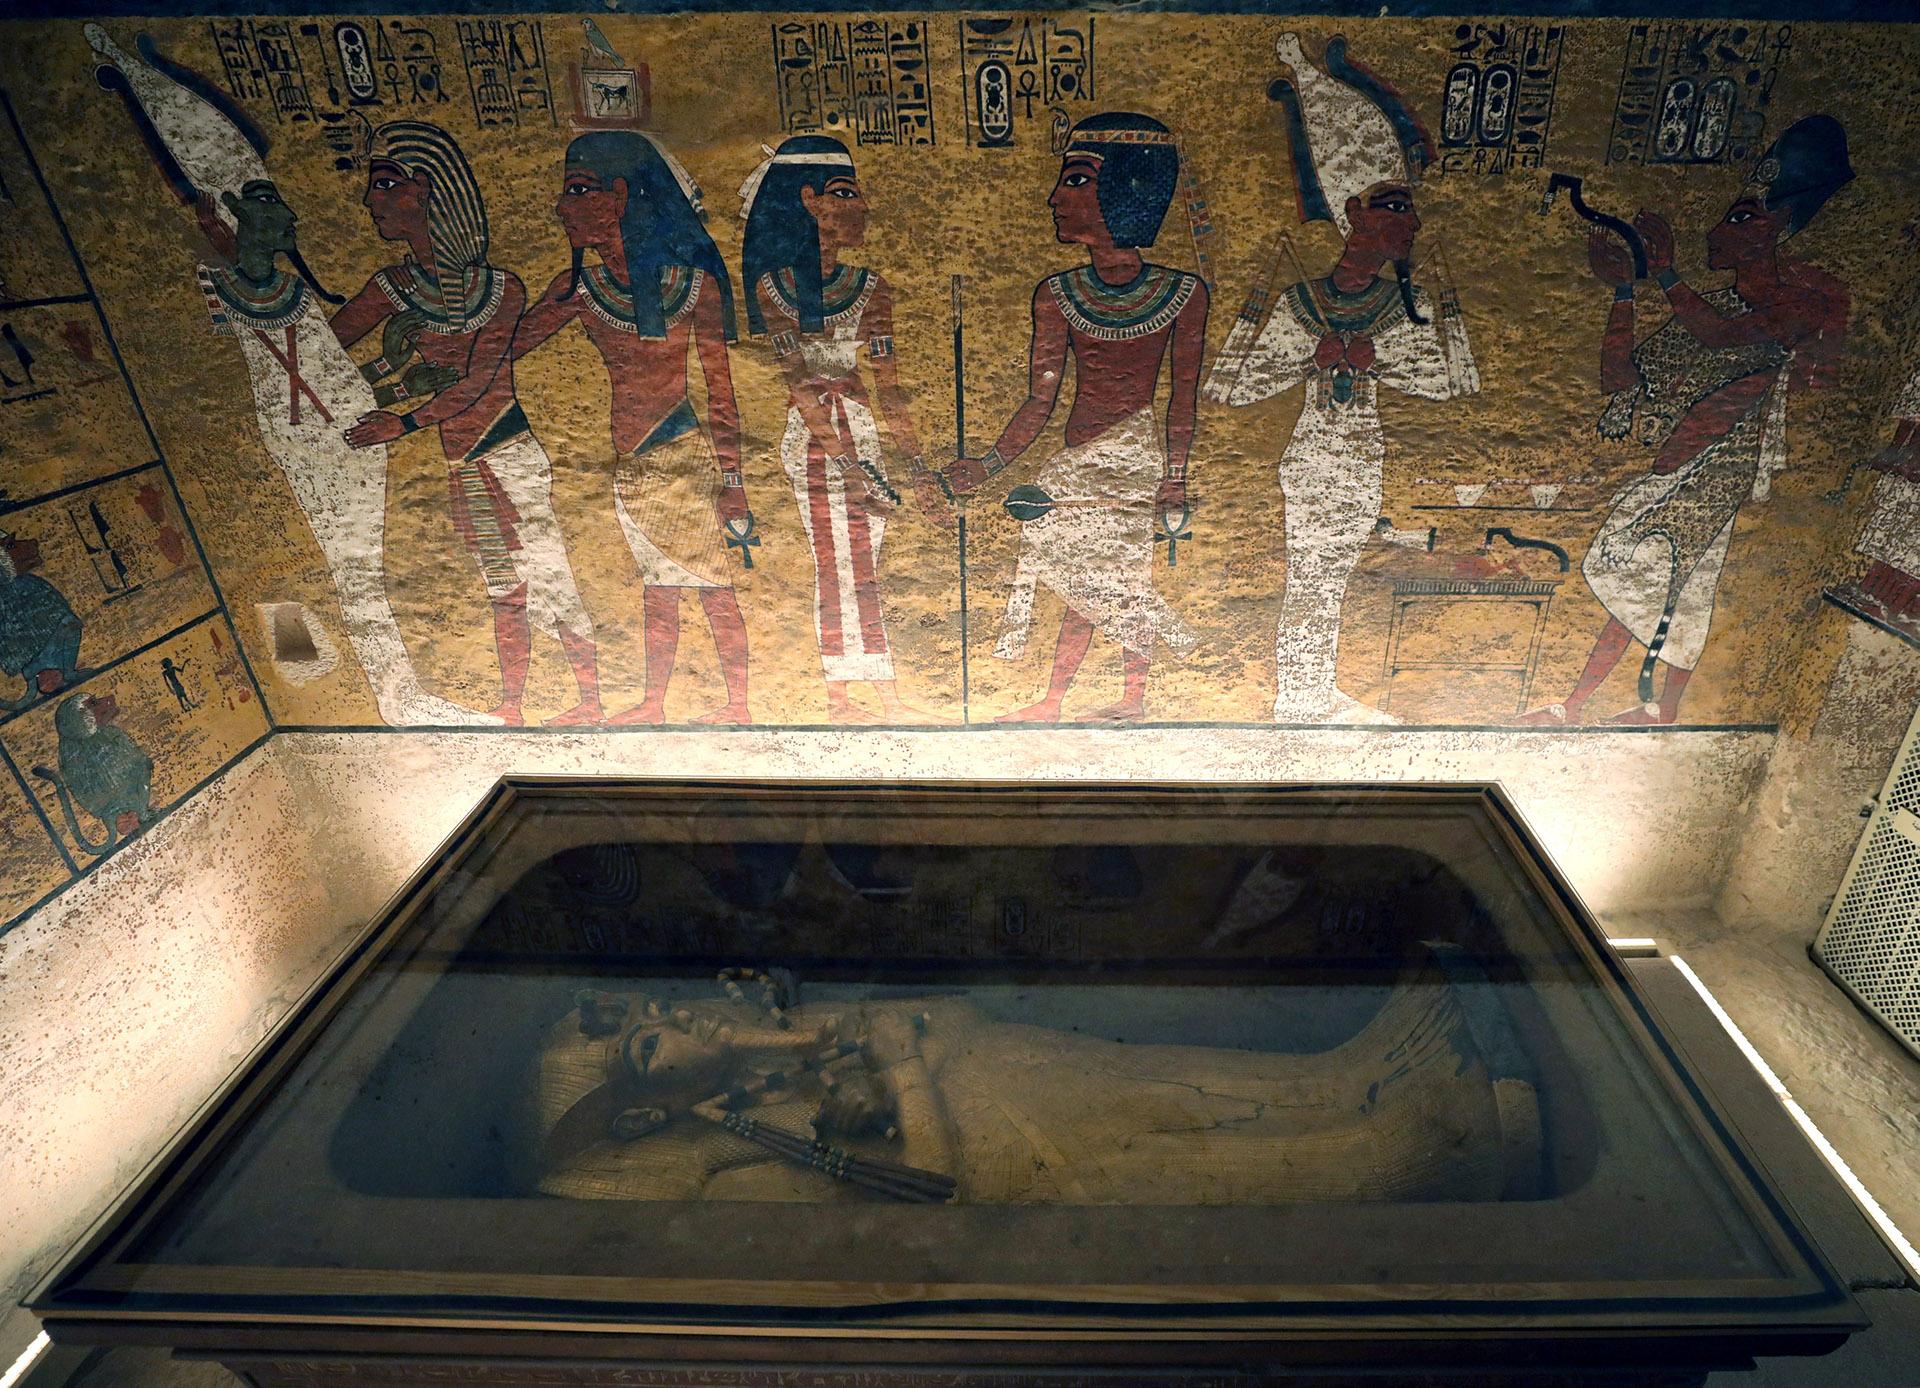 La pequeña tumba del faraón niño, uno de los iconos del Valle de los Reyes, está ahora en mejores condiciones que cuando la descubrió el arqueólogo Howard Carter en 1922, según dijeron arqueólogos egipcios y del equipo responsable del proyecto.